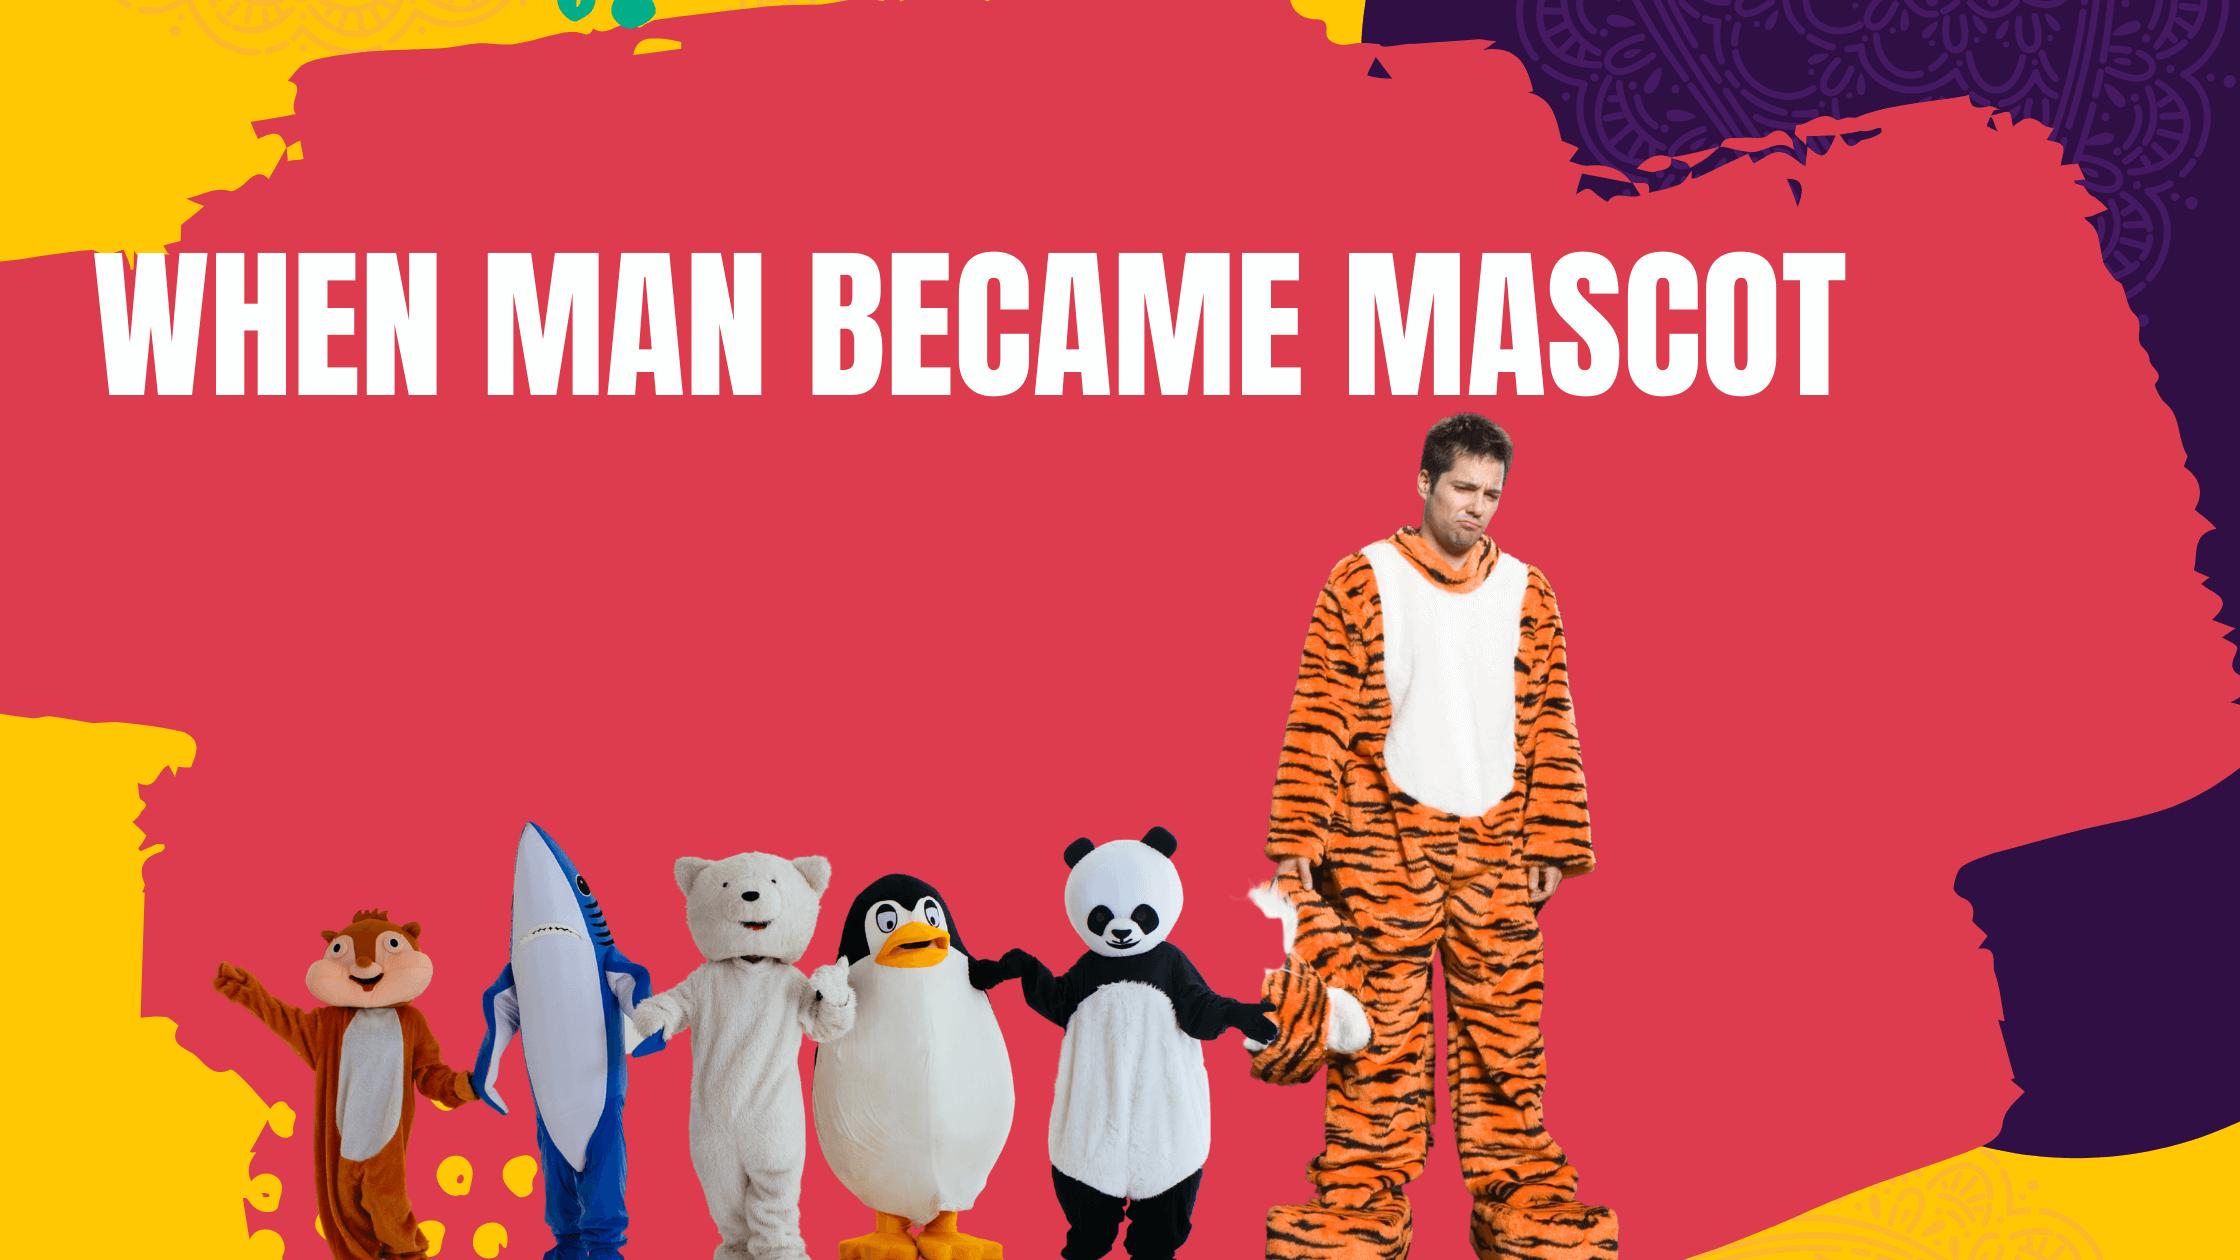 MAN-AND-MAscot